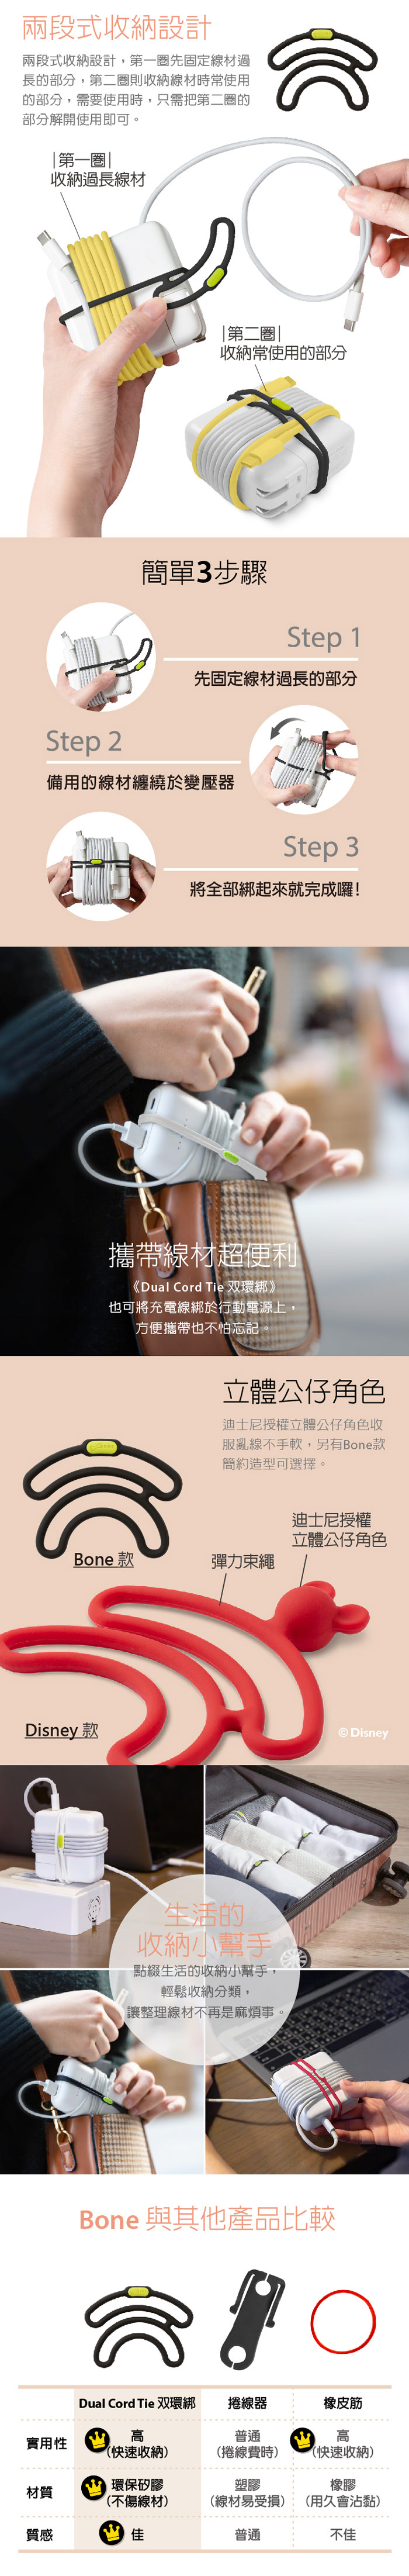 (複製)Bone|Style Q Cord Ties 米奇造型公仔Q束繩